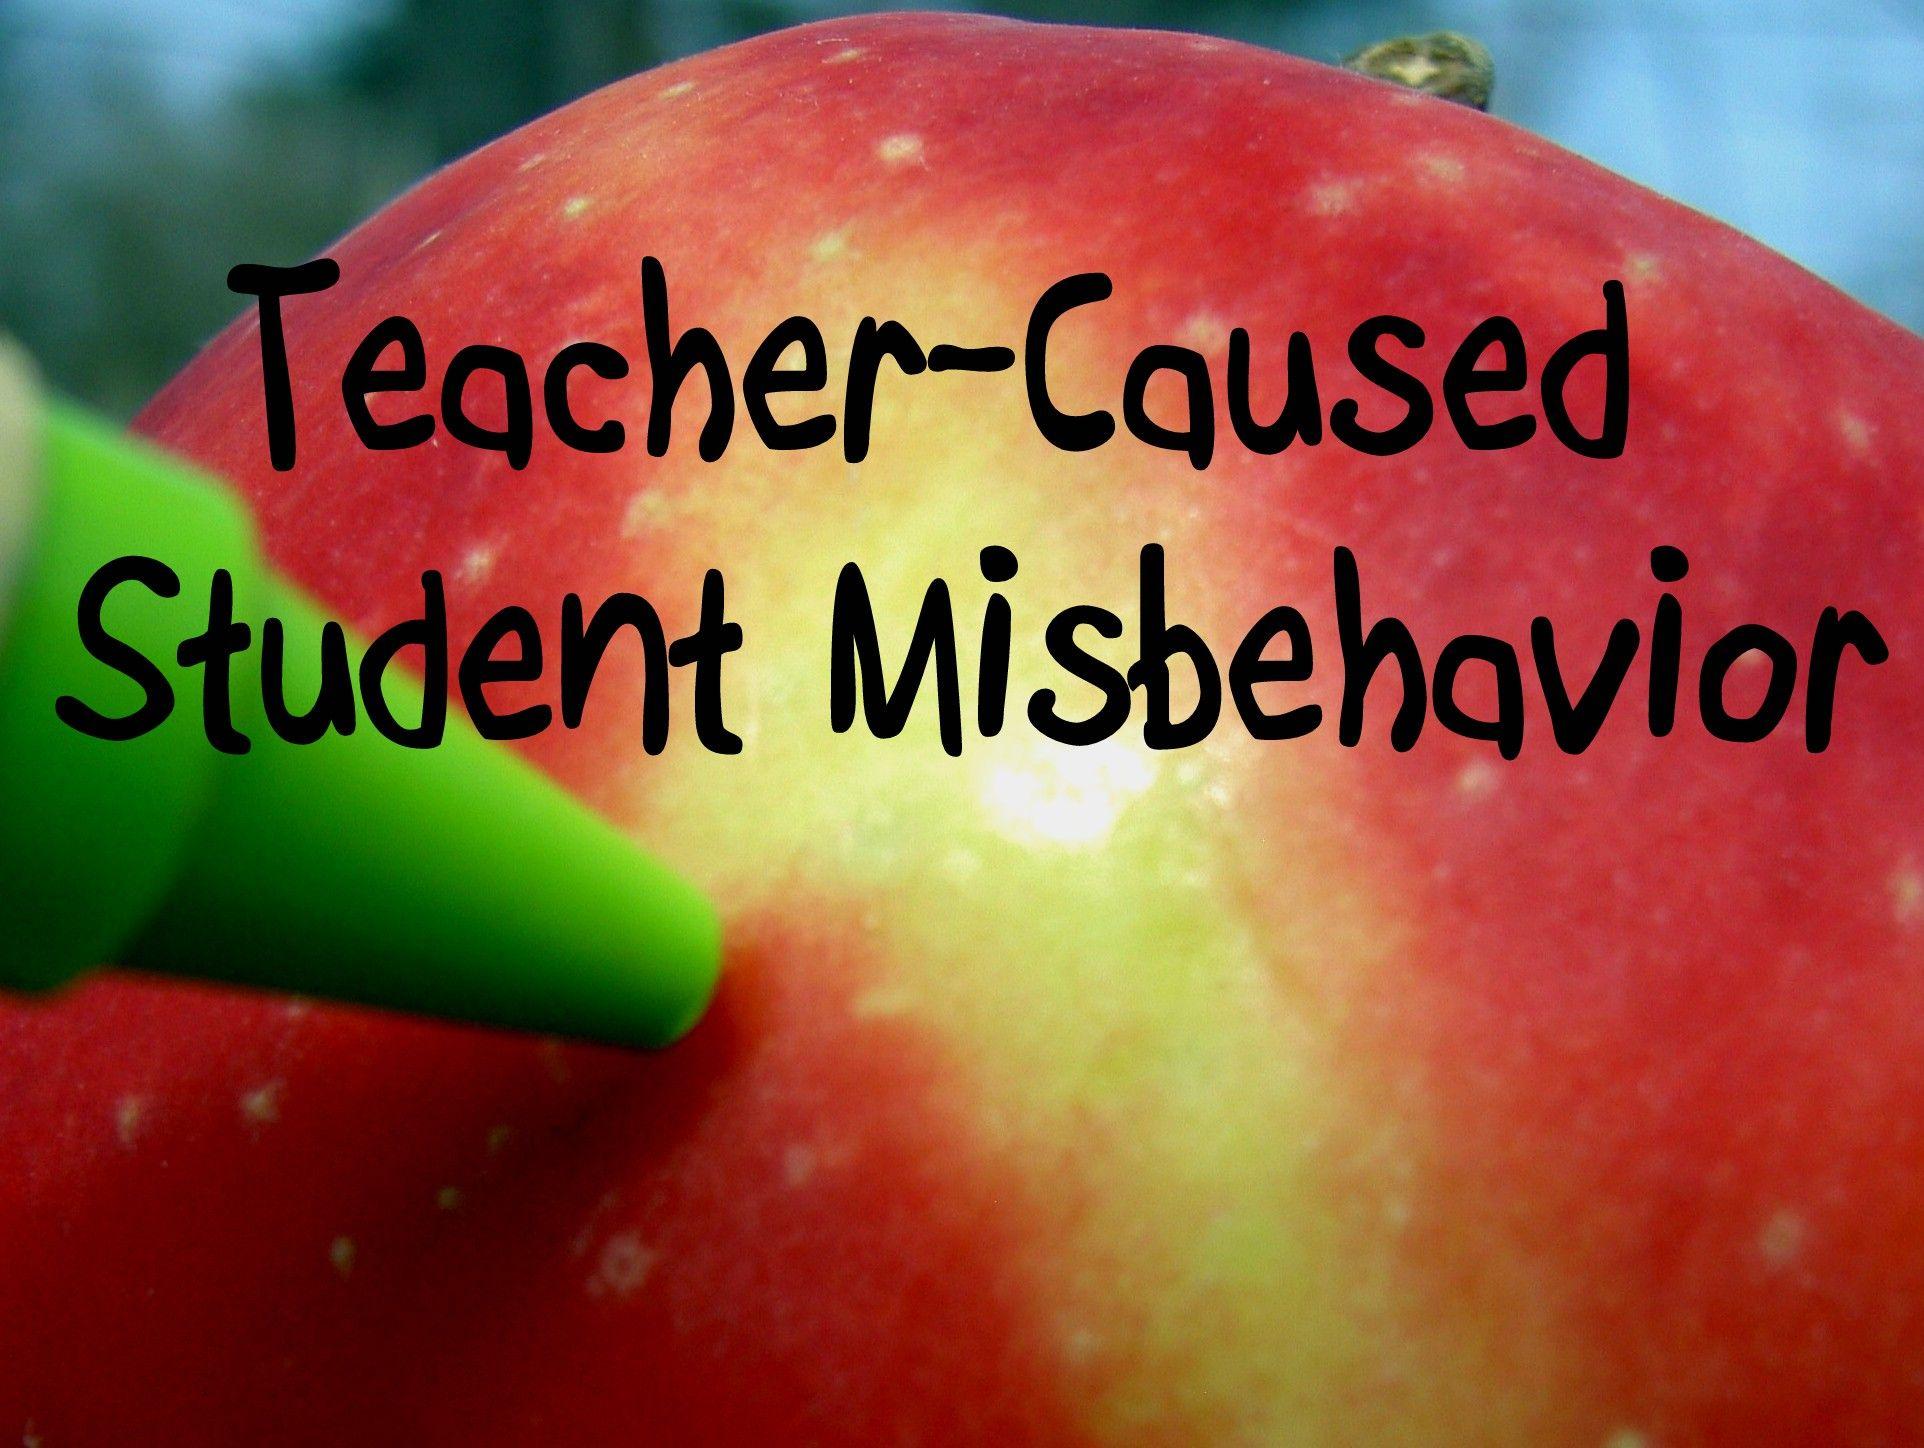 I need idea for writin an essay on misbehavior?